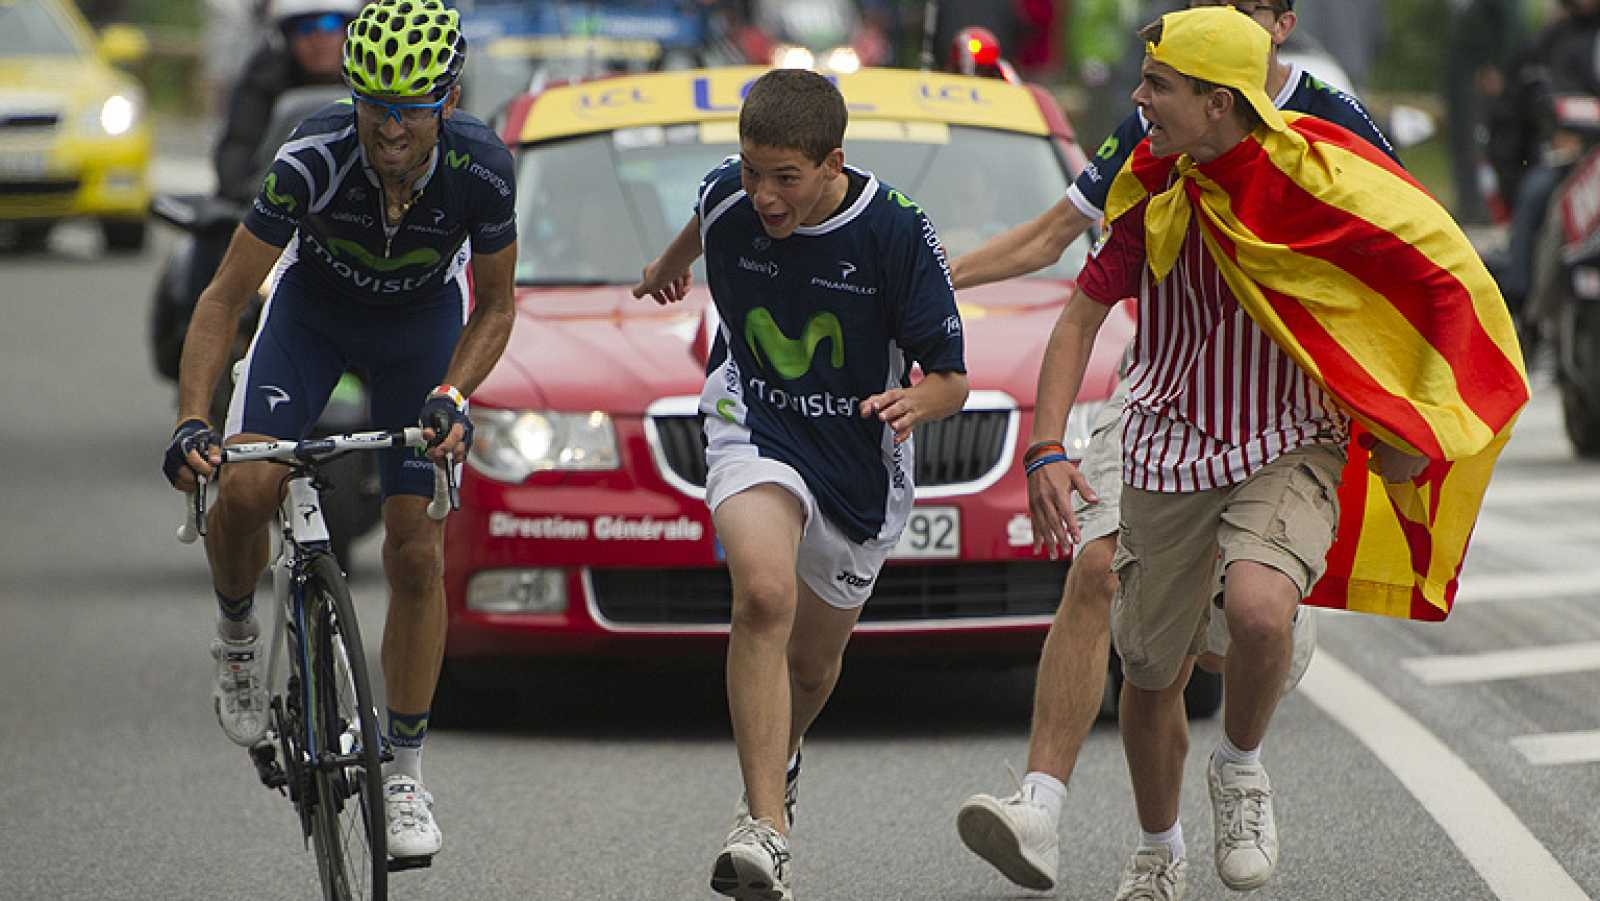 Alejandro Valverde (Movistar) se impuso hoy en la decimoséptima etapa del Tour 2012, con lo que sumó la segunda victoria española en esta edición, y el británico Bradley Wiggins (Sky) dejó casi sentenciada la carrera gracias a que su escudero Christo